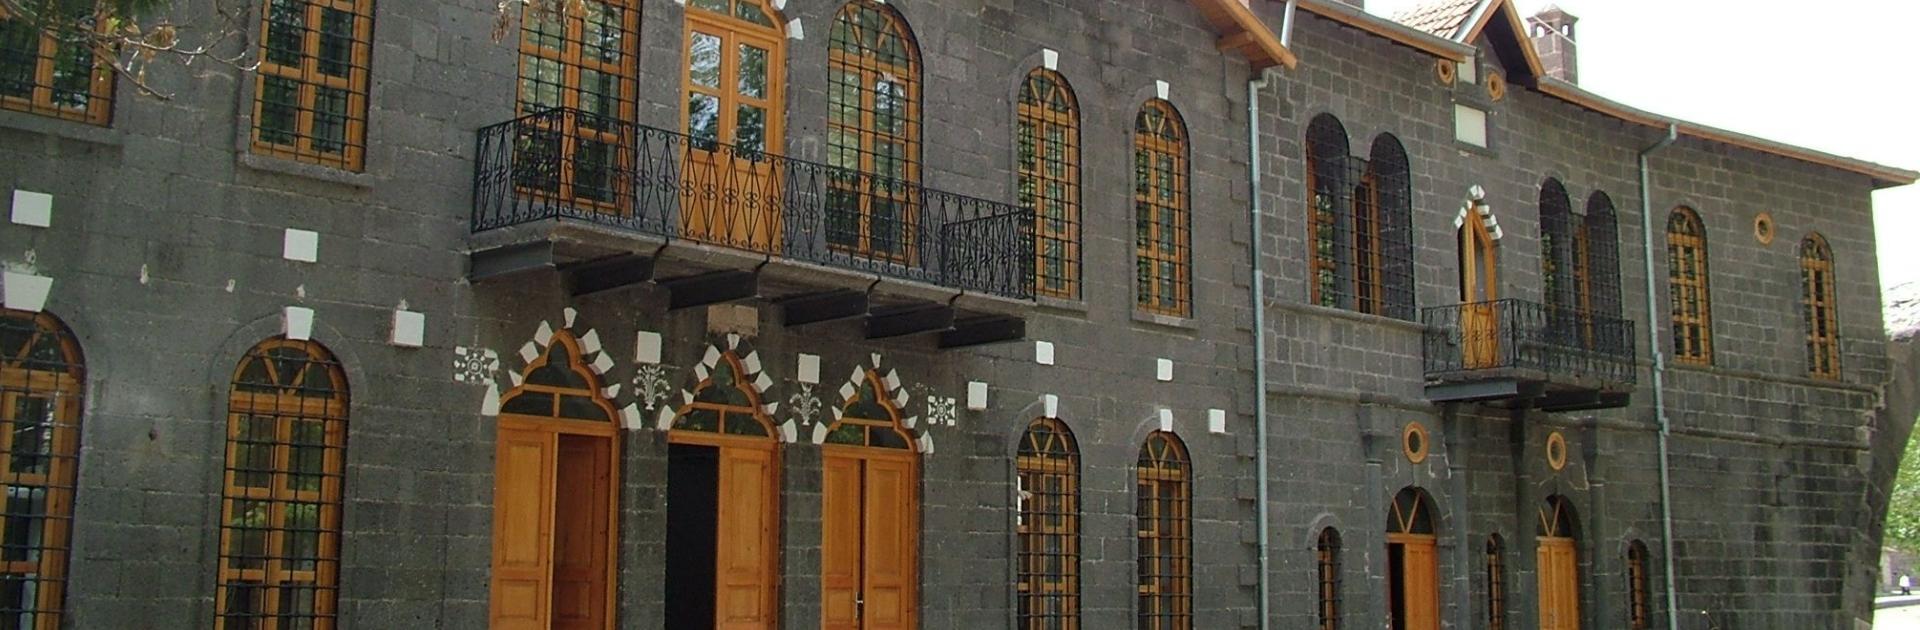 Diyarbakır'ın Tarihi Mekanları